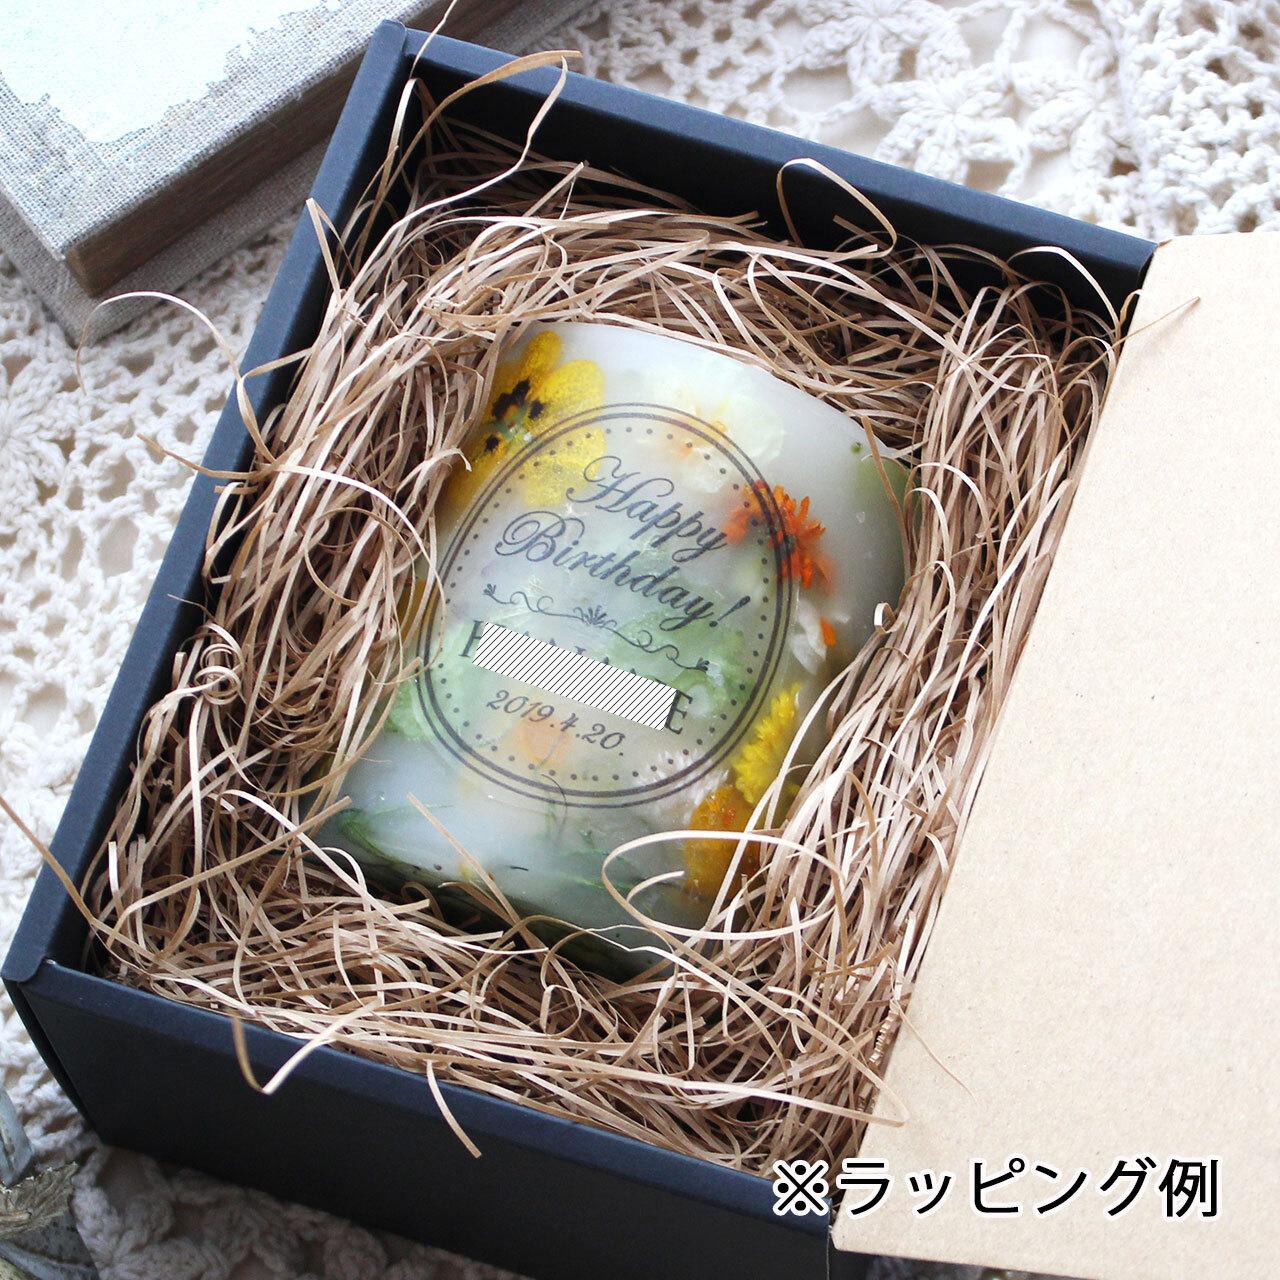 NC269 ギフトラッピング付き☆メッセージ&日付&名入れボタニカルキャンドル ローズ